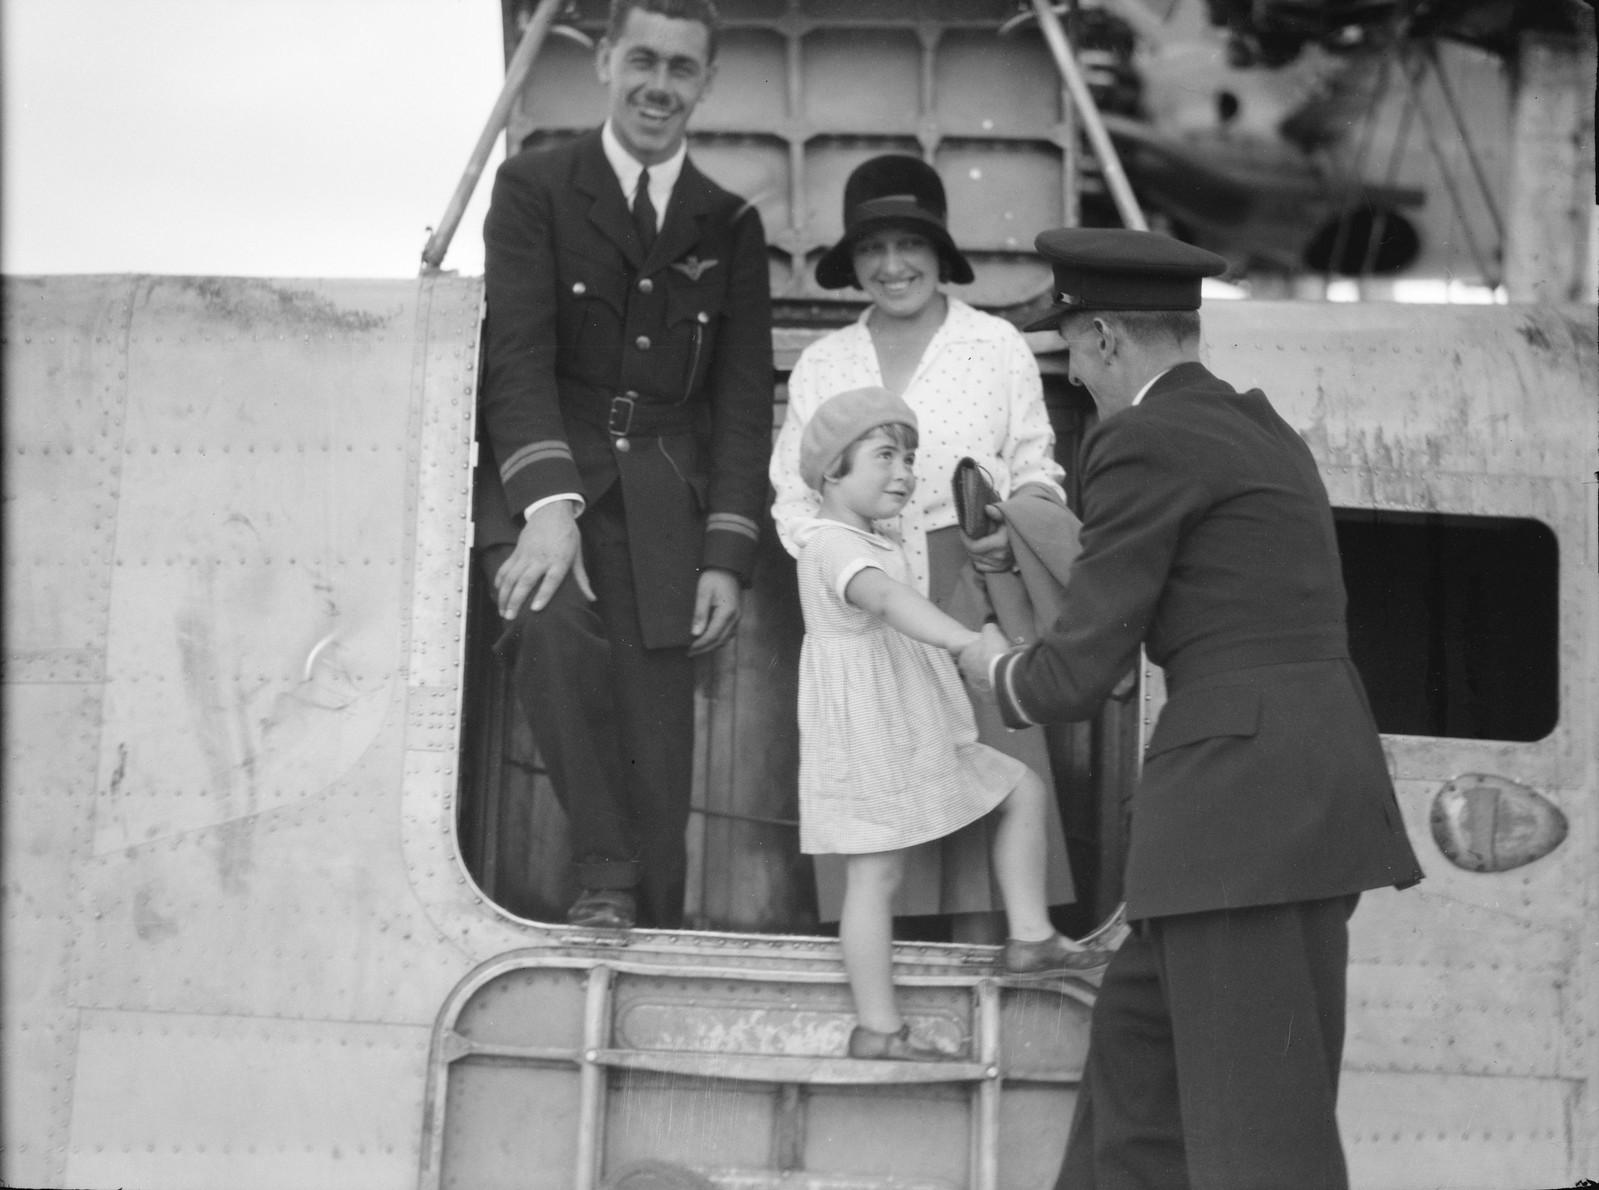 06. Первая пассажирская летающая лодка приводнилась. Маленькая мисс Памела Кросс прощается с экипажем